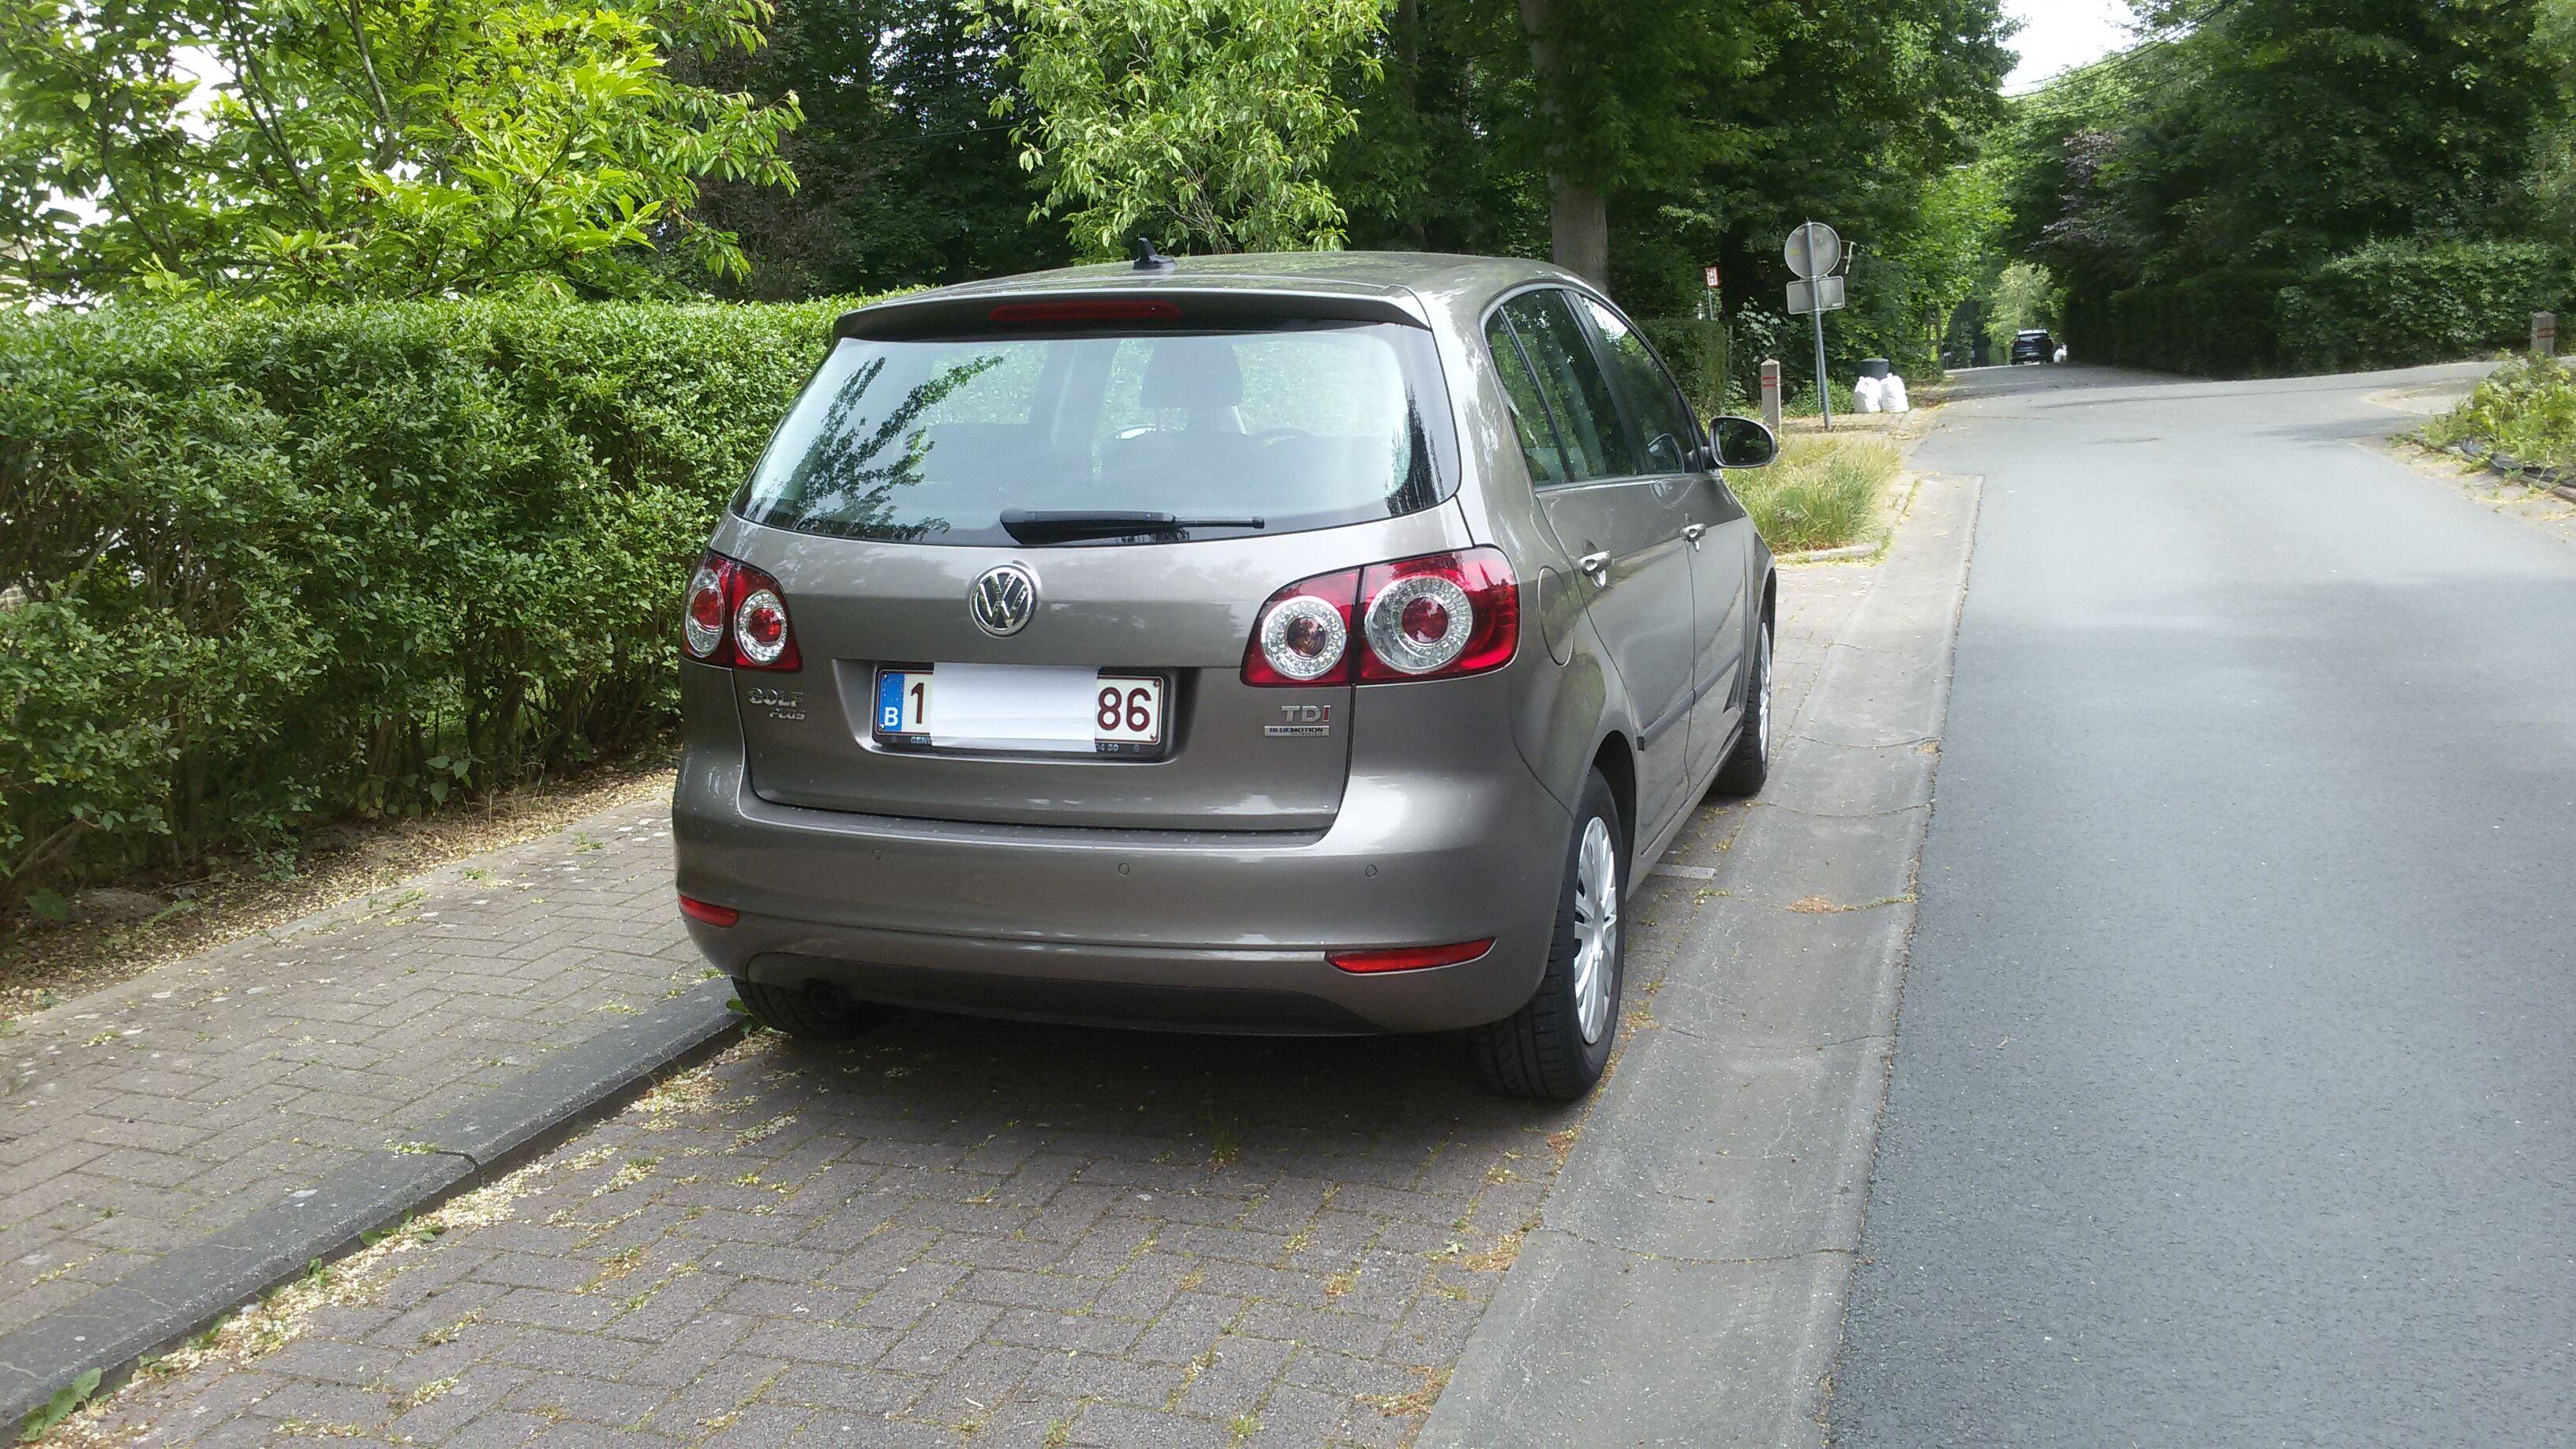 Volkswagen Golf Plus Dsl ACCAYCX0 1/1